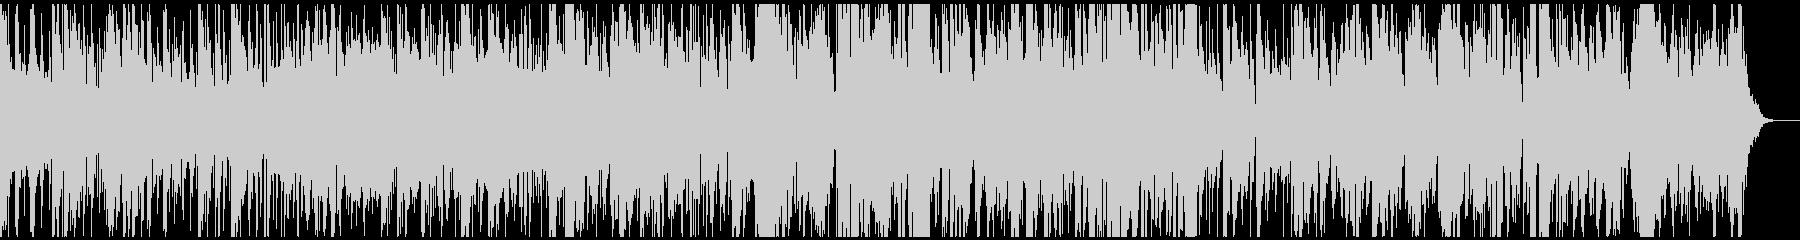 生演奏によるジャズ風サンバボサノバの未再生の波形